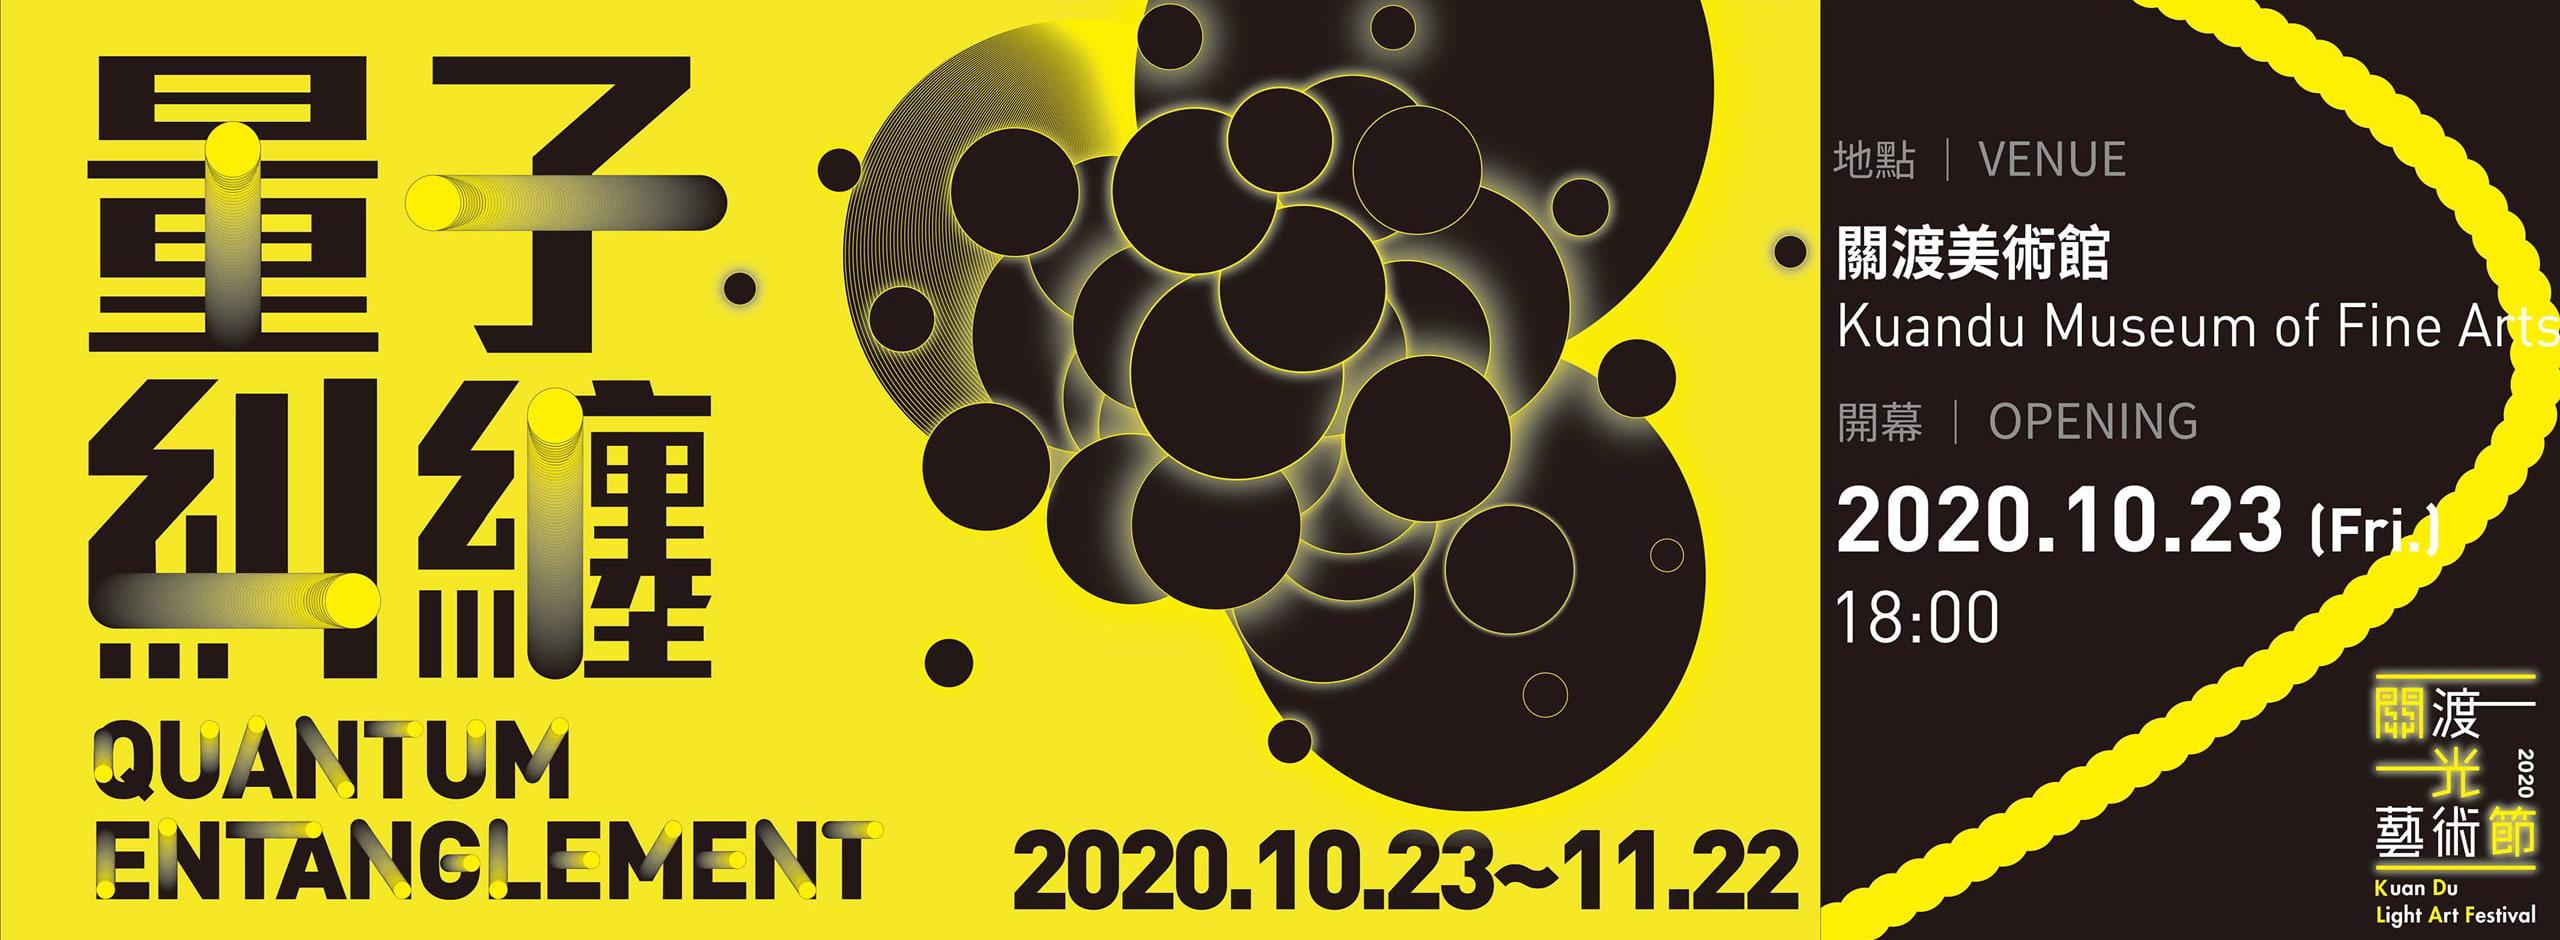 2020關渡光藝術節—量子糾纏